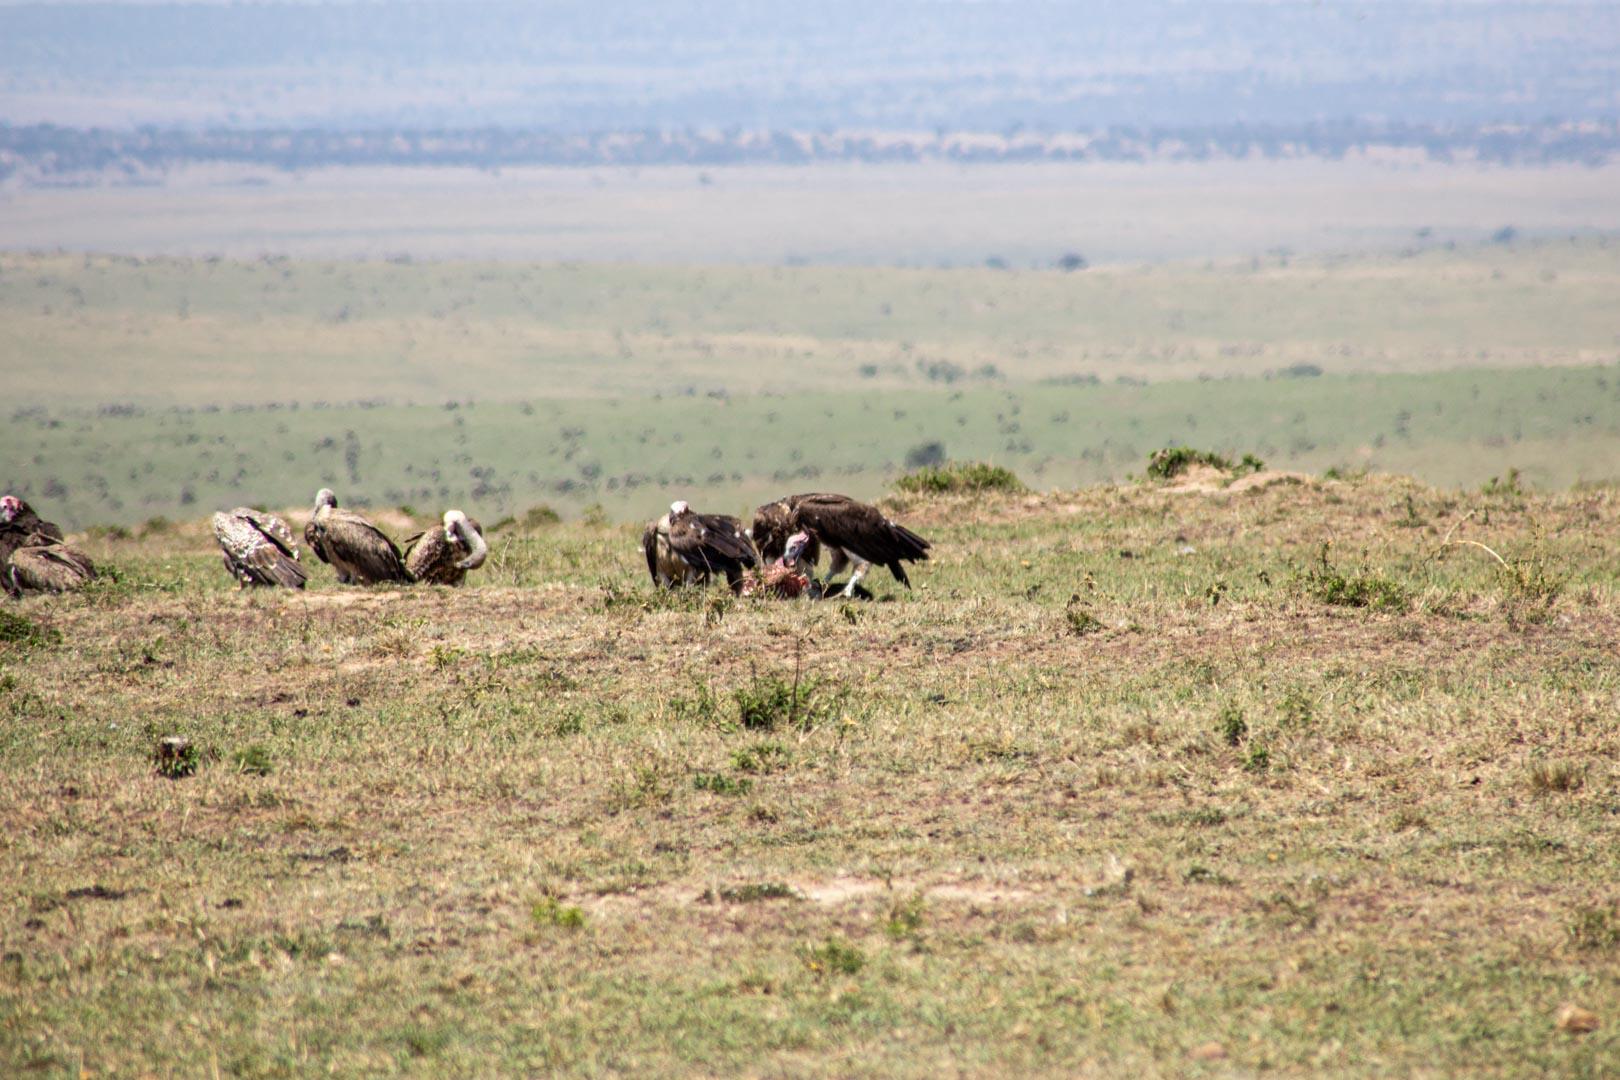 Buitres comiendo carroña, Masai Mara, Kenia